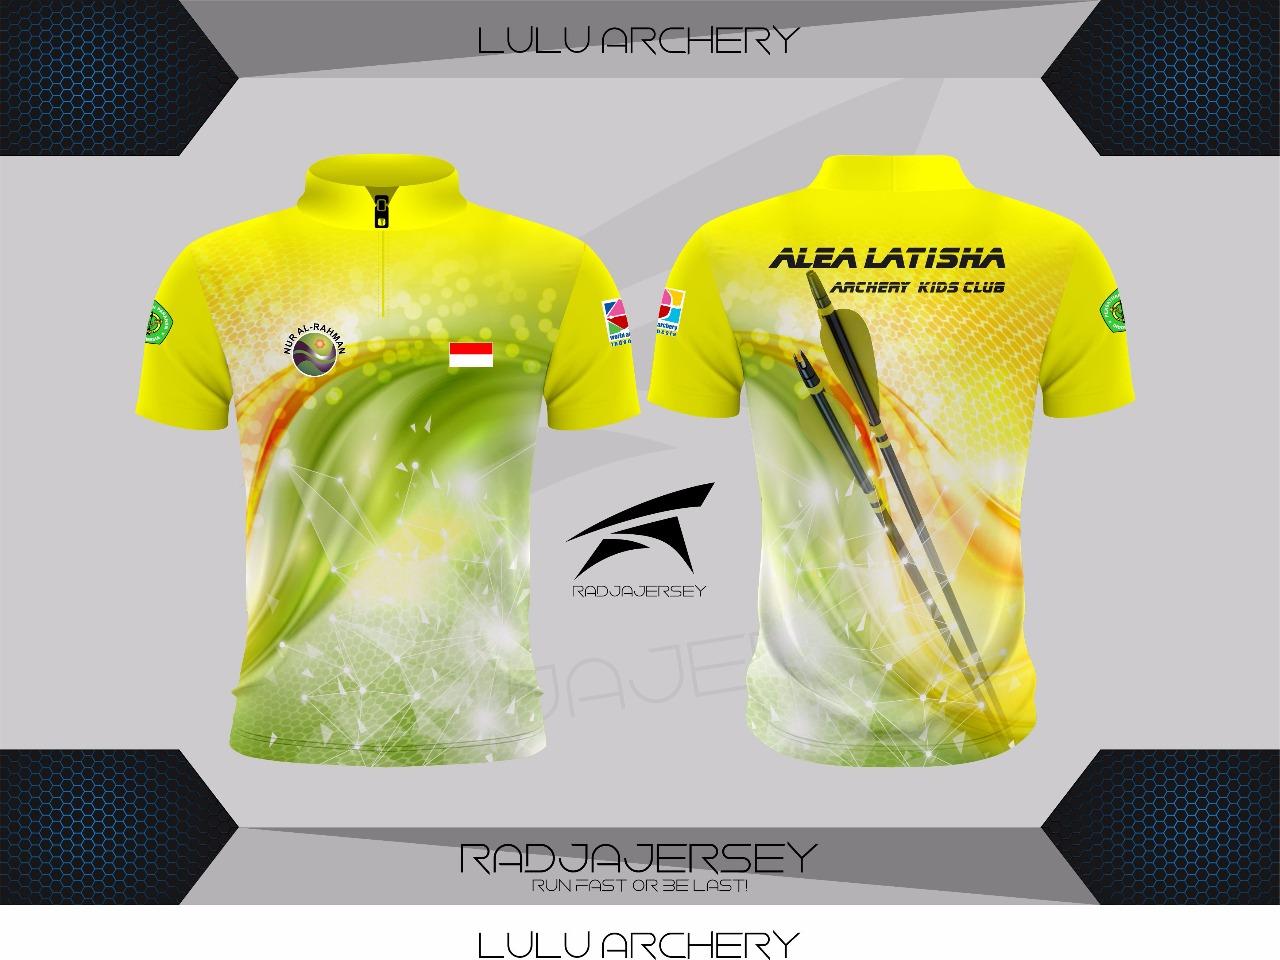 Radja Jersey Produsen Panahan Sea Games Baju Kaos Anak Printing Kami Menyediakan Sportwear Design Custom Kualitas Diutamakan Dengan Desain Suka Beda Dari Yang Lain Full Menggunakan Bahan Terbaik